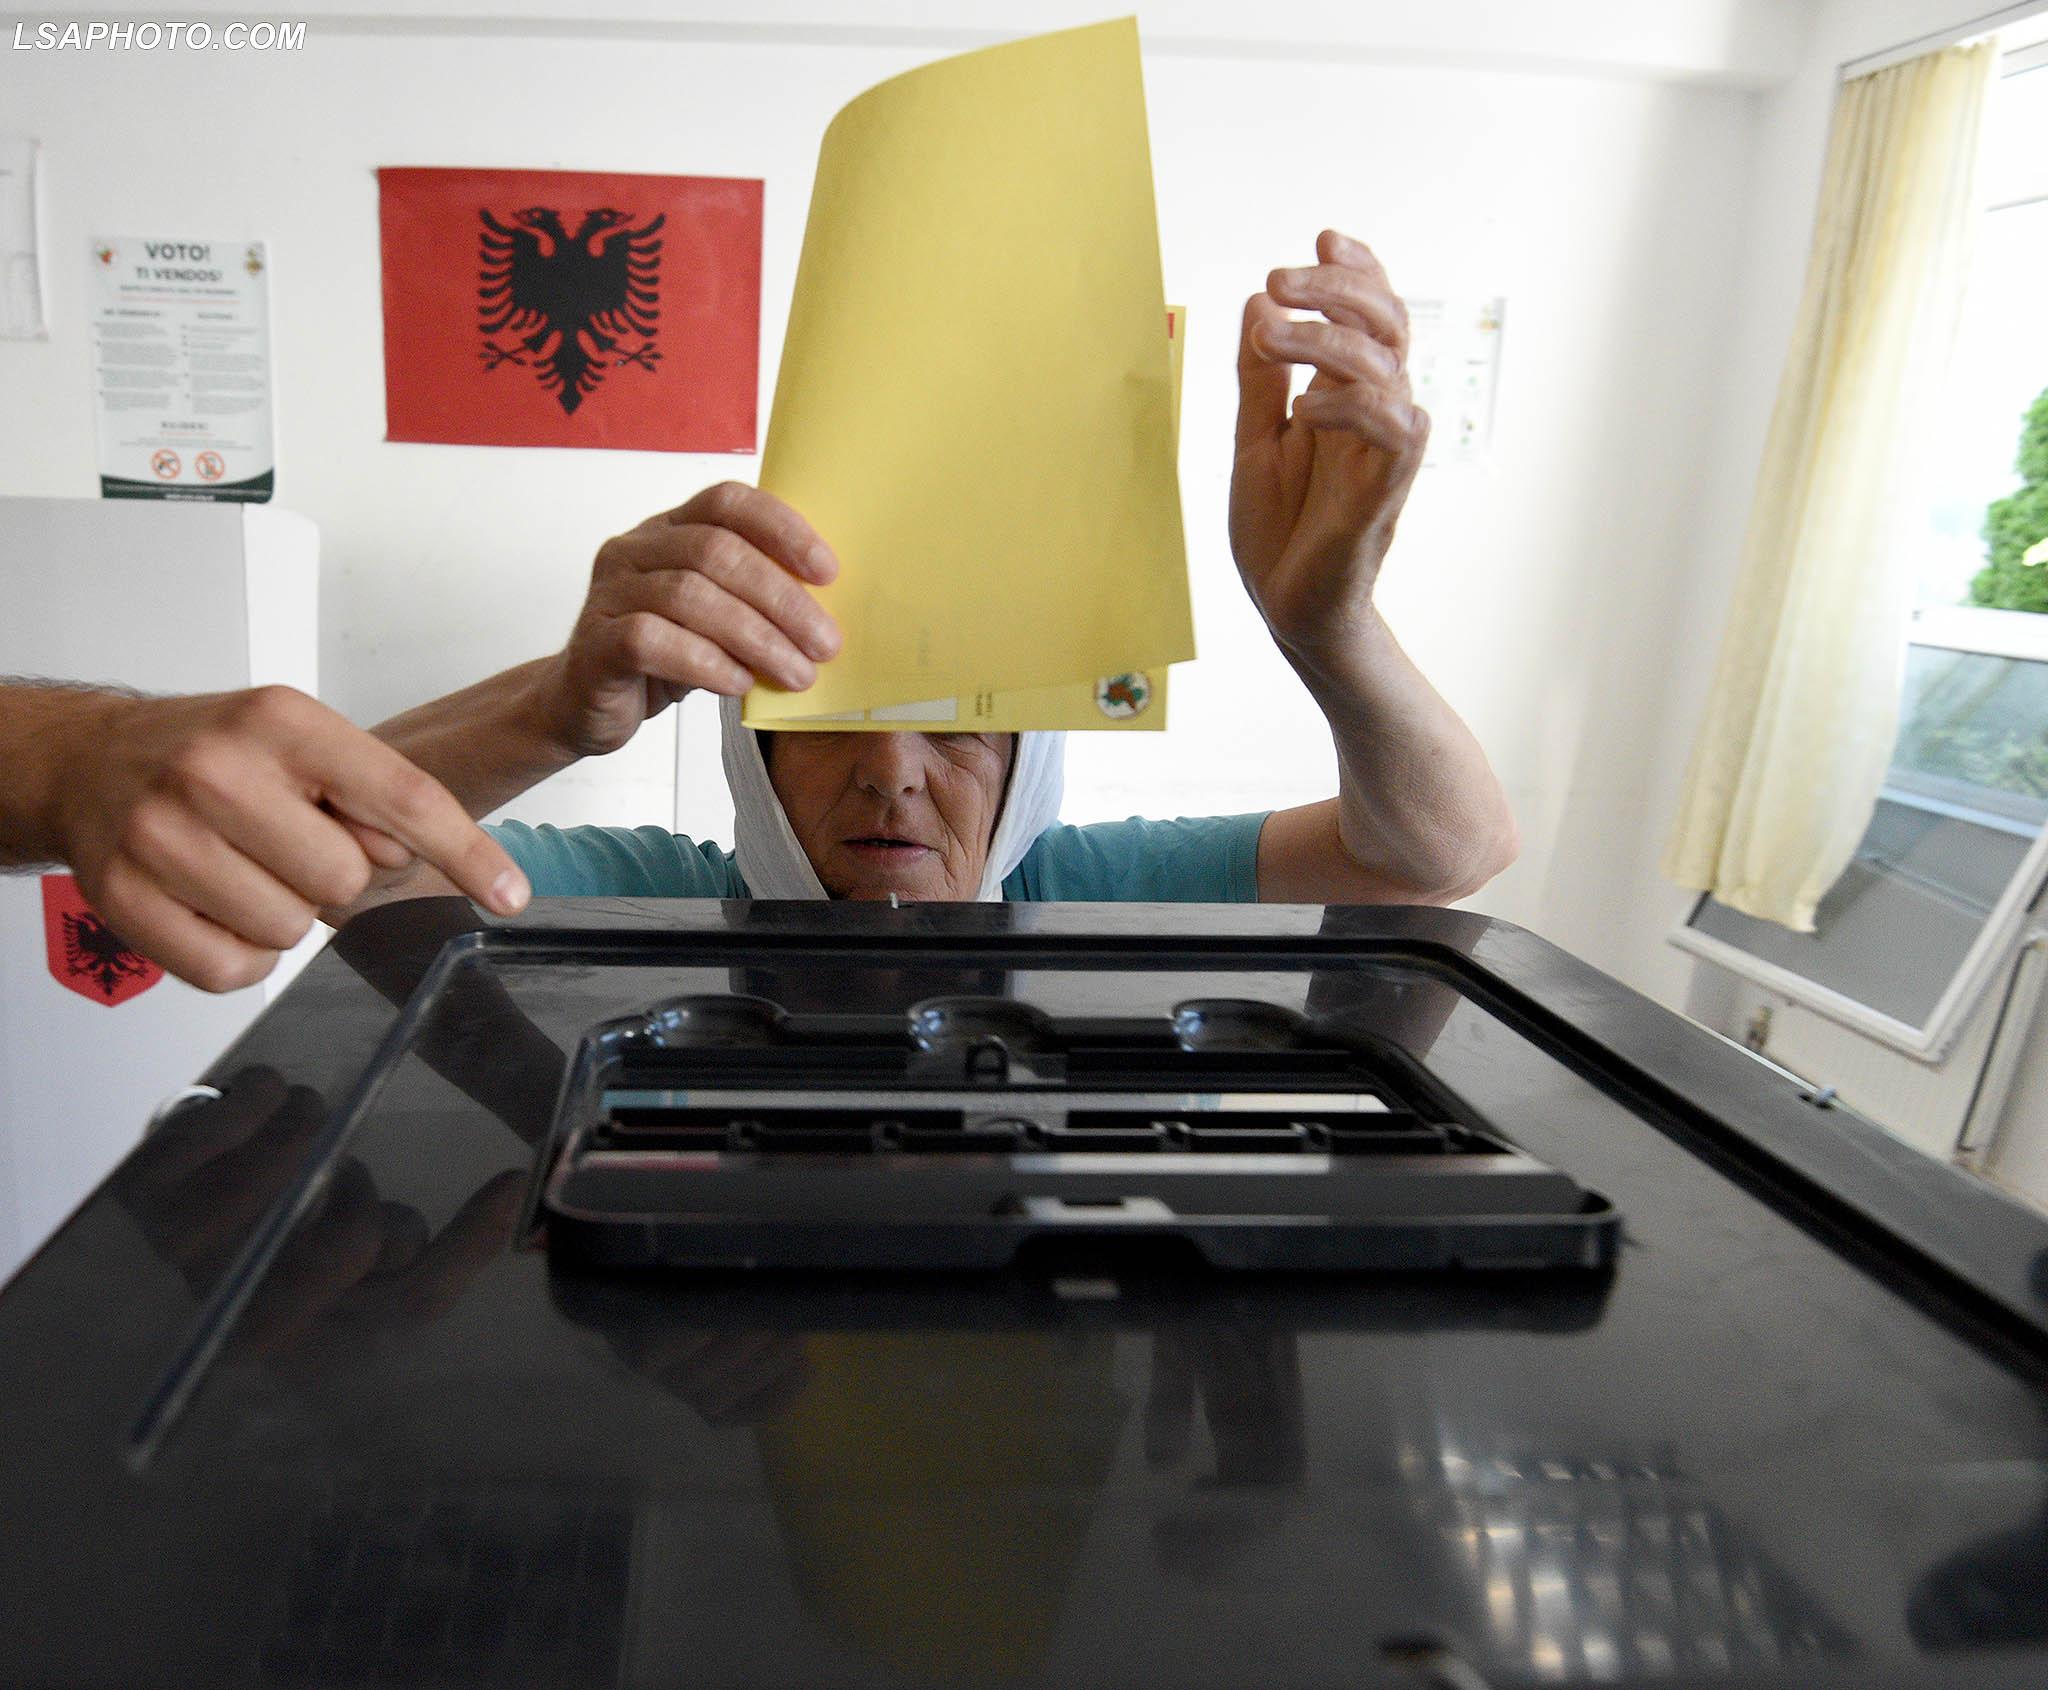 Reforma Zgjedhore/ Opozita paraqet zyrtarisht propozimin për Qeveri Kujdestare për Zgjedhjet 100 ditë para datës zgjedhore